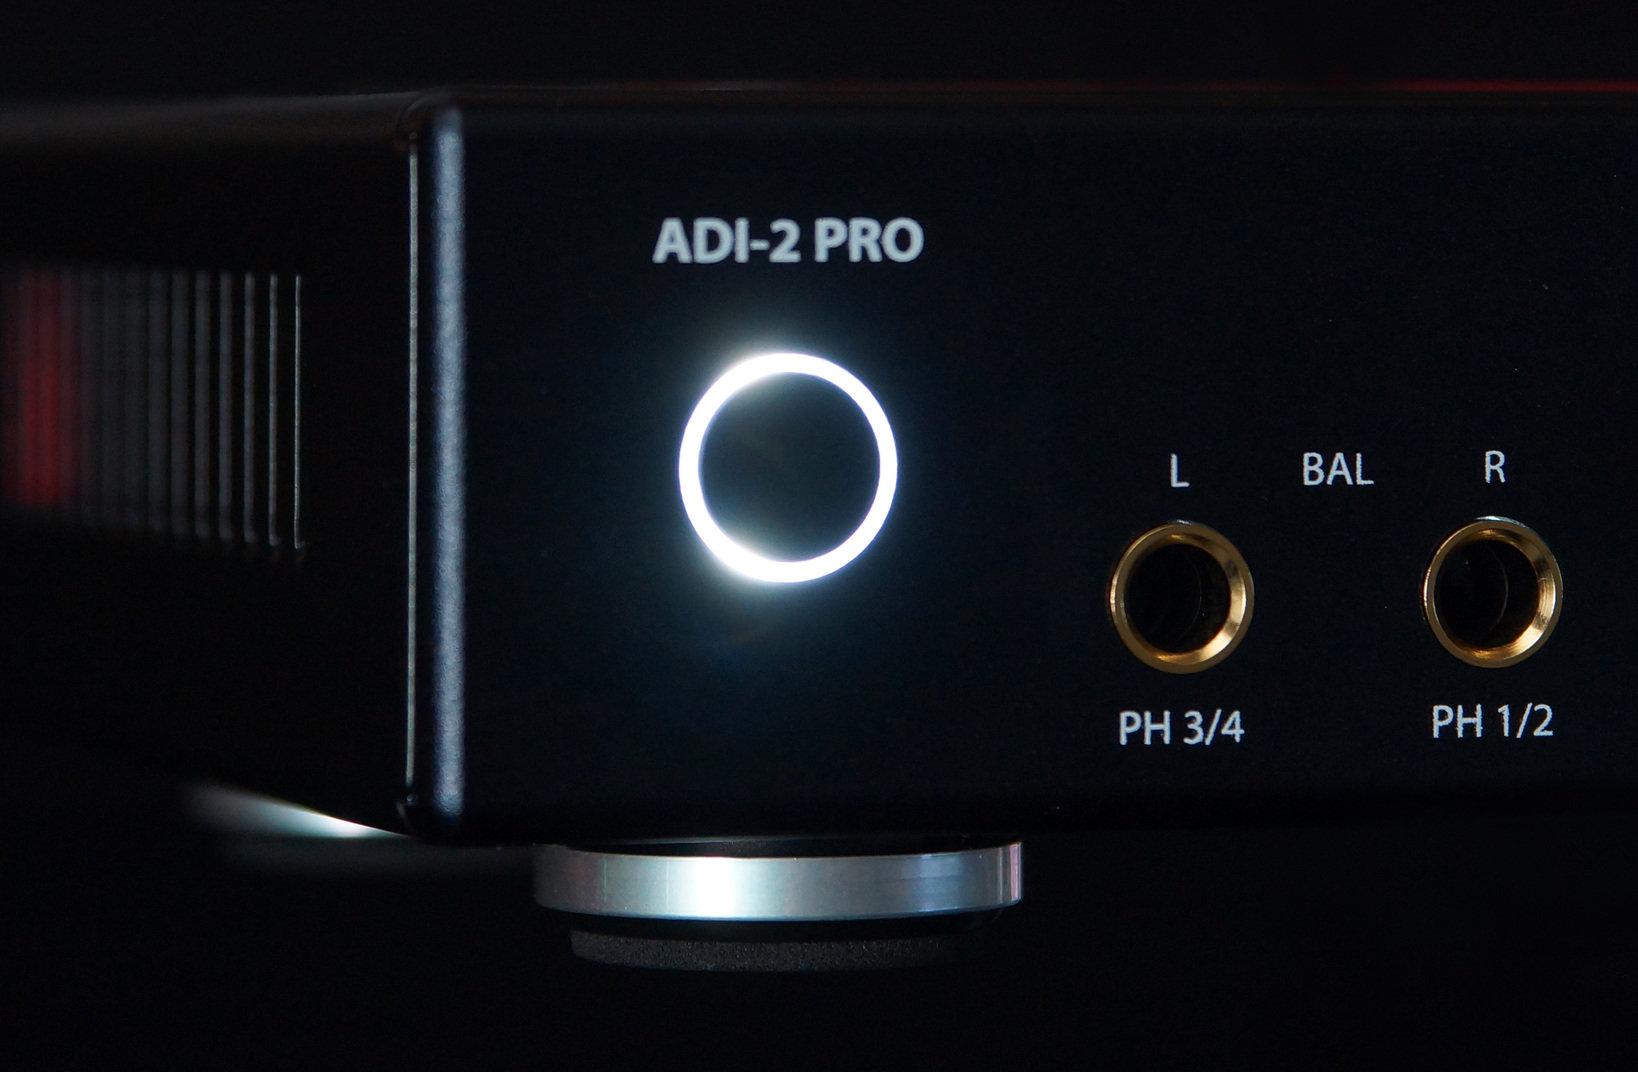 ・シルバーモデルのADI-2 Proは、ヘッドフォン端子のみ金メッキ仕様となっていますが、「ADI-2 Pro Anniversary Edition」では、背面のTSポートも同様に金メッキ仕様へと変更。